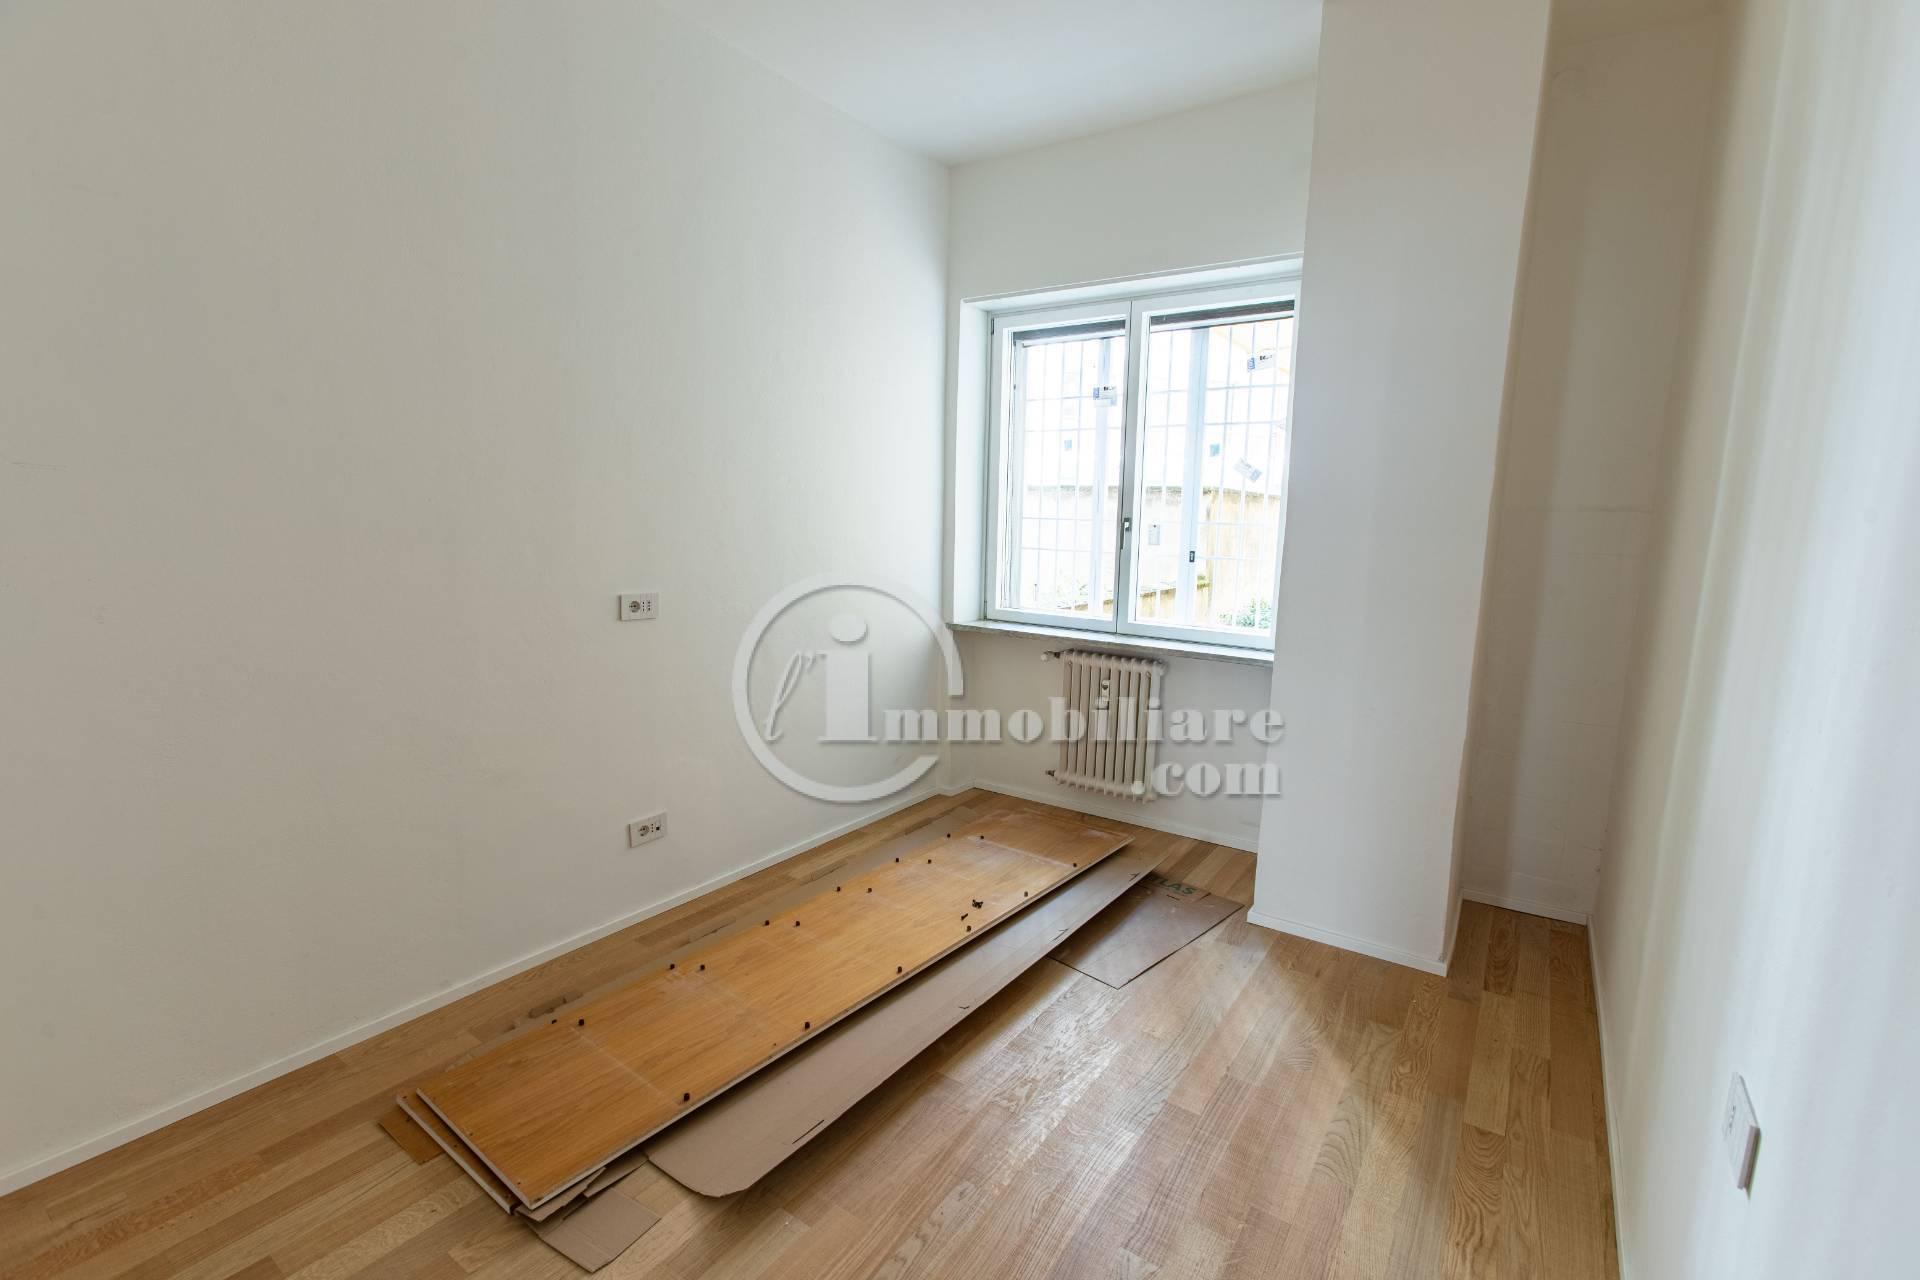 Appartamento in Vendita a Milano: 3 locali, 75 mq - Foto 12